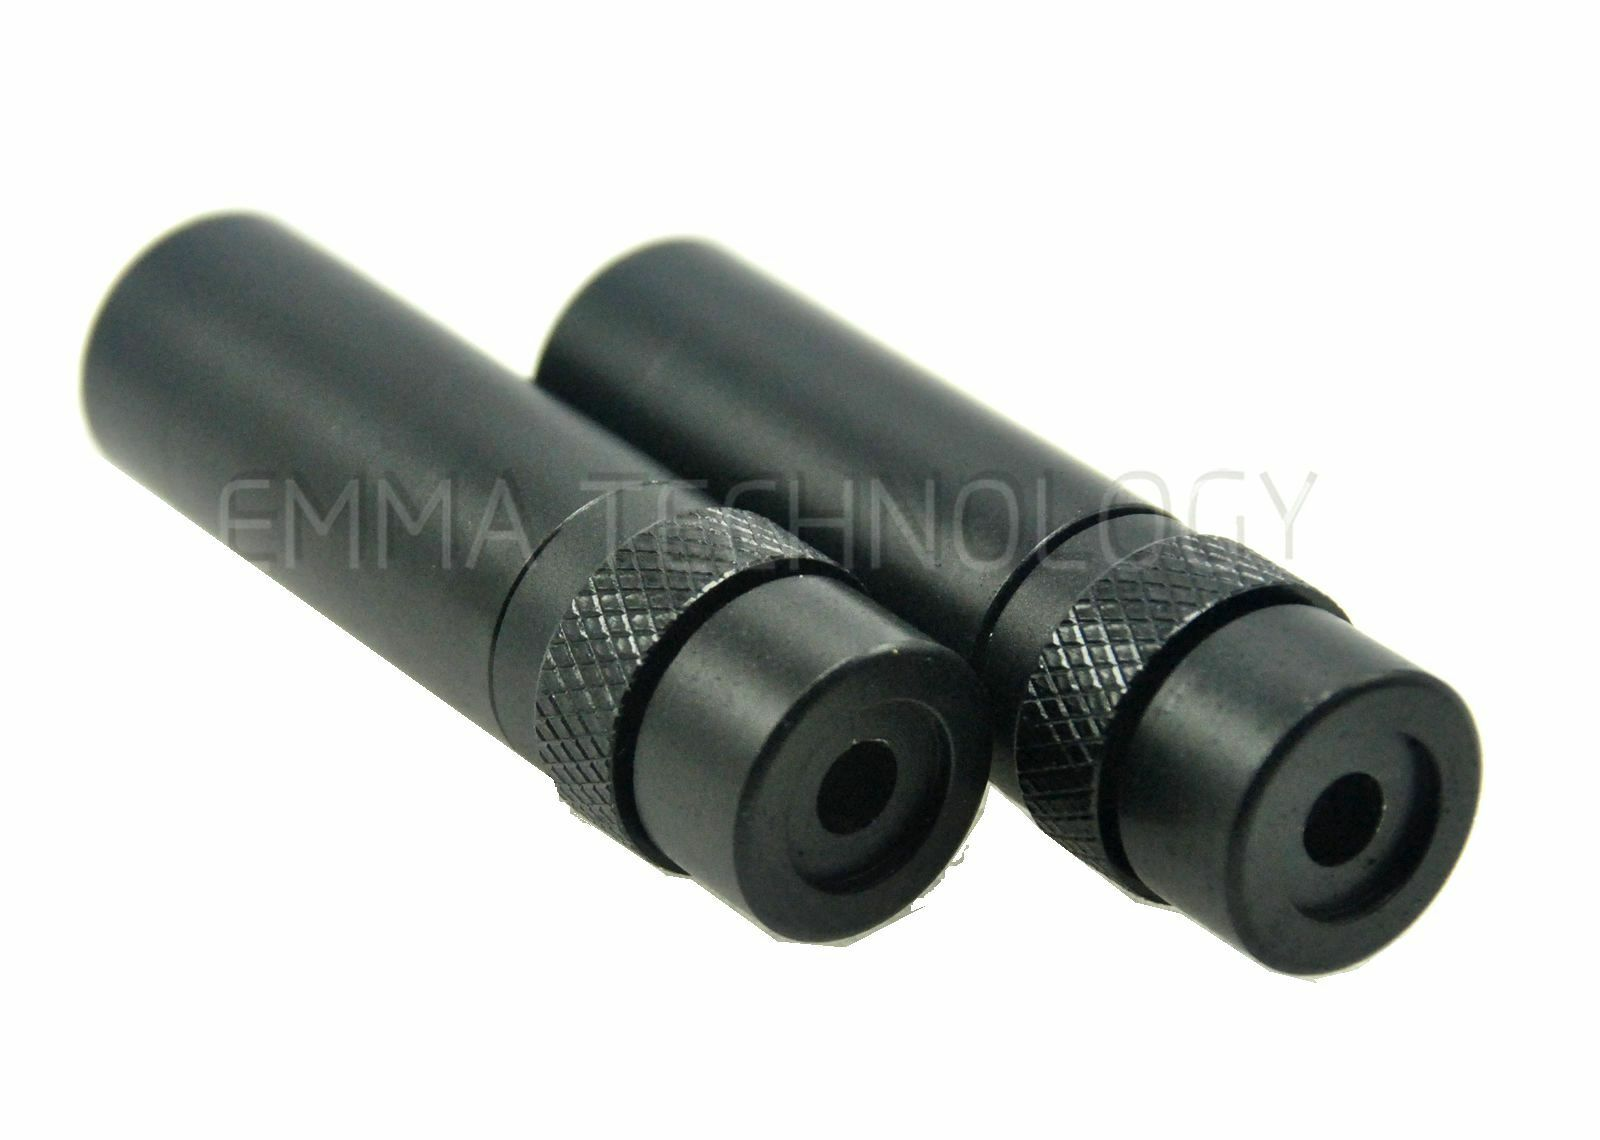 2шт 16x55 мм фокусируемый корпус для 5,6 мм лазер диод w% 2F стекло линза 200-1100 нм